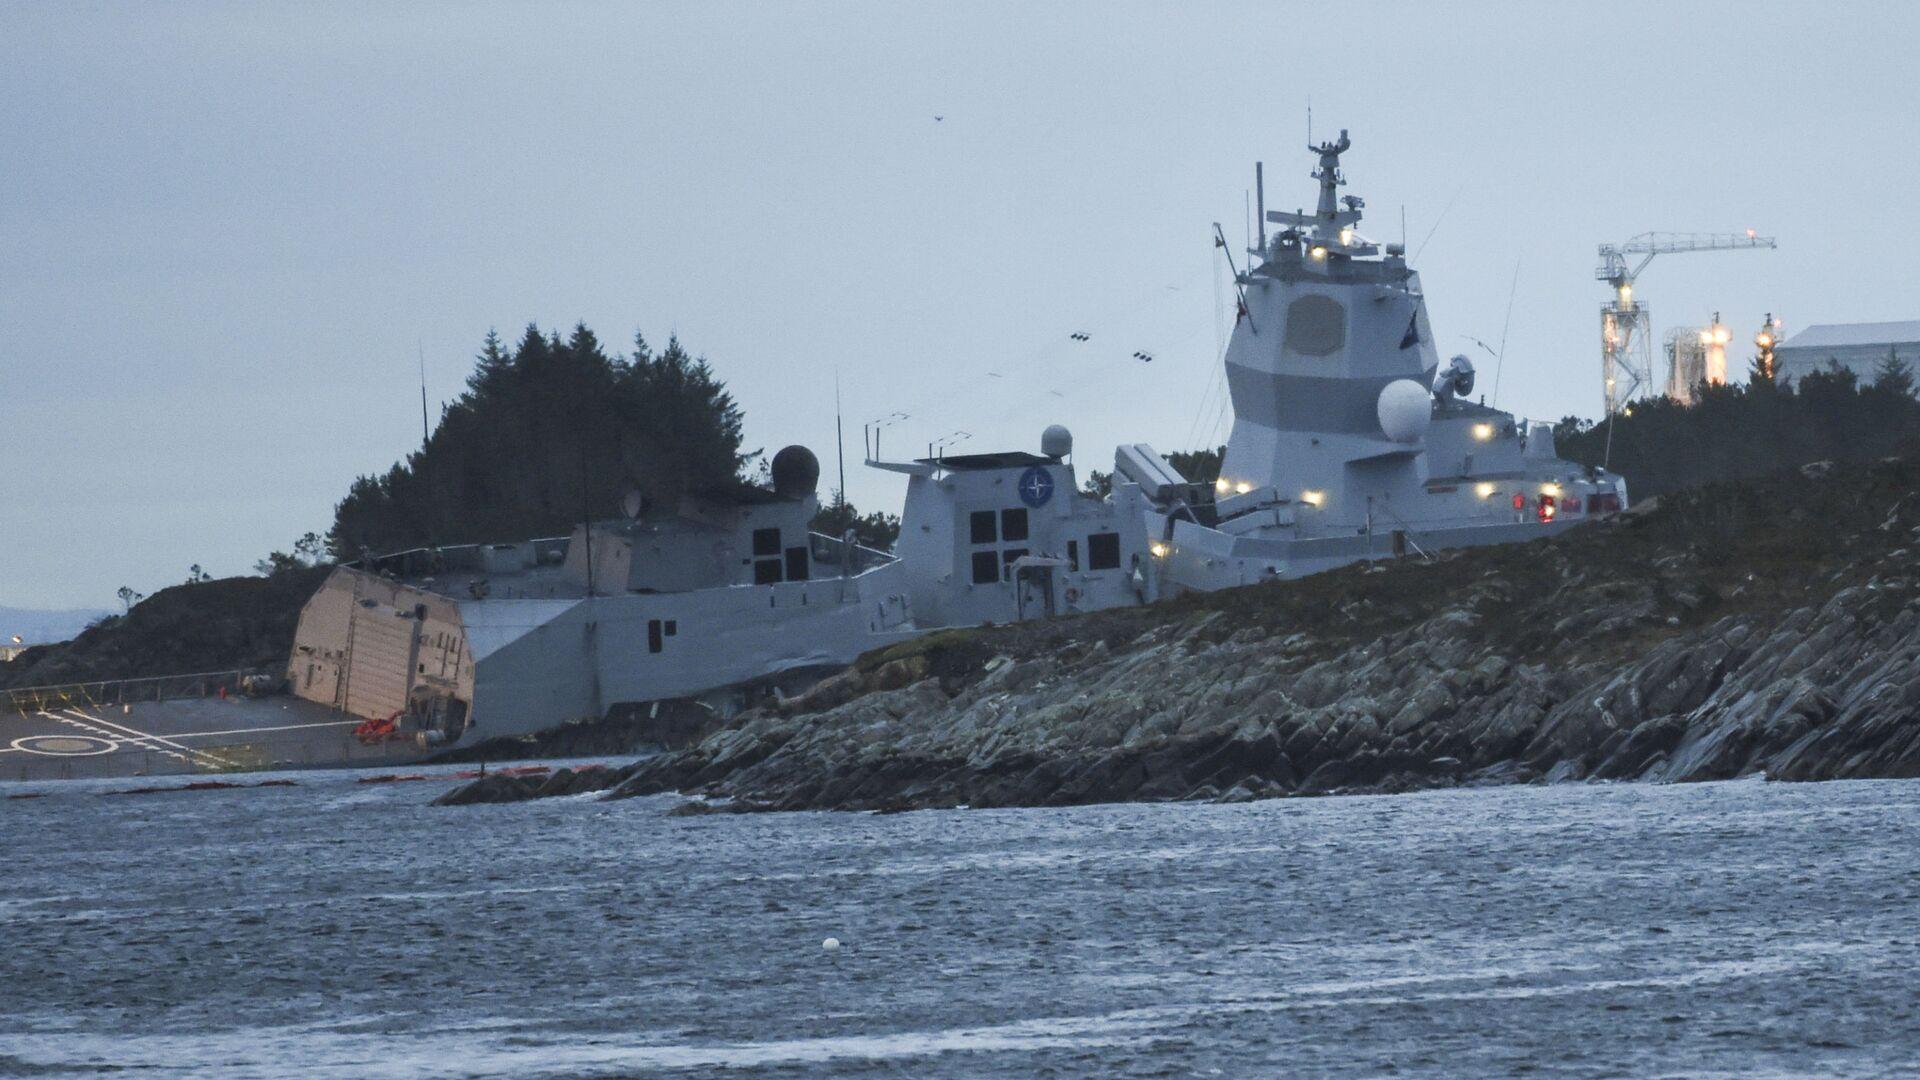 Zderzenie fregaty norweskiej KNM Helge Ingstad z tankowcem Sola TS., 8 listopada 2018 r. - Sputnik Polska, 1920, 11.07.2021